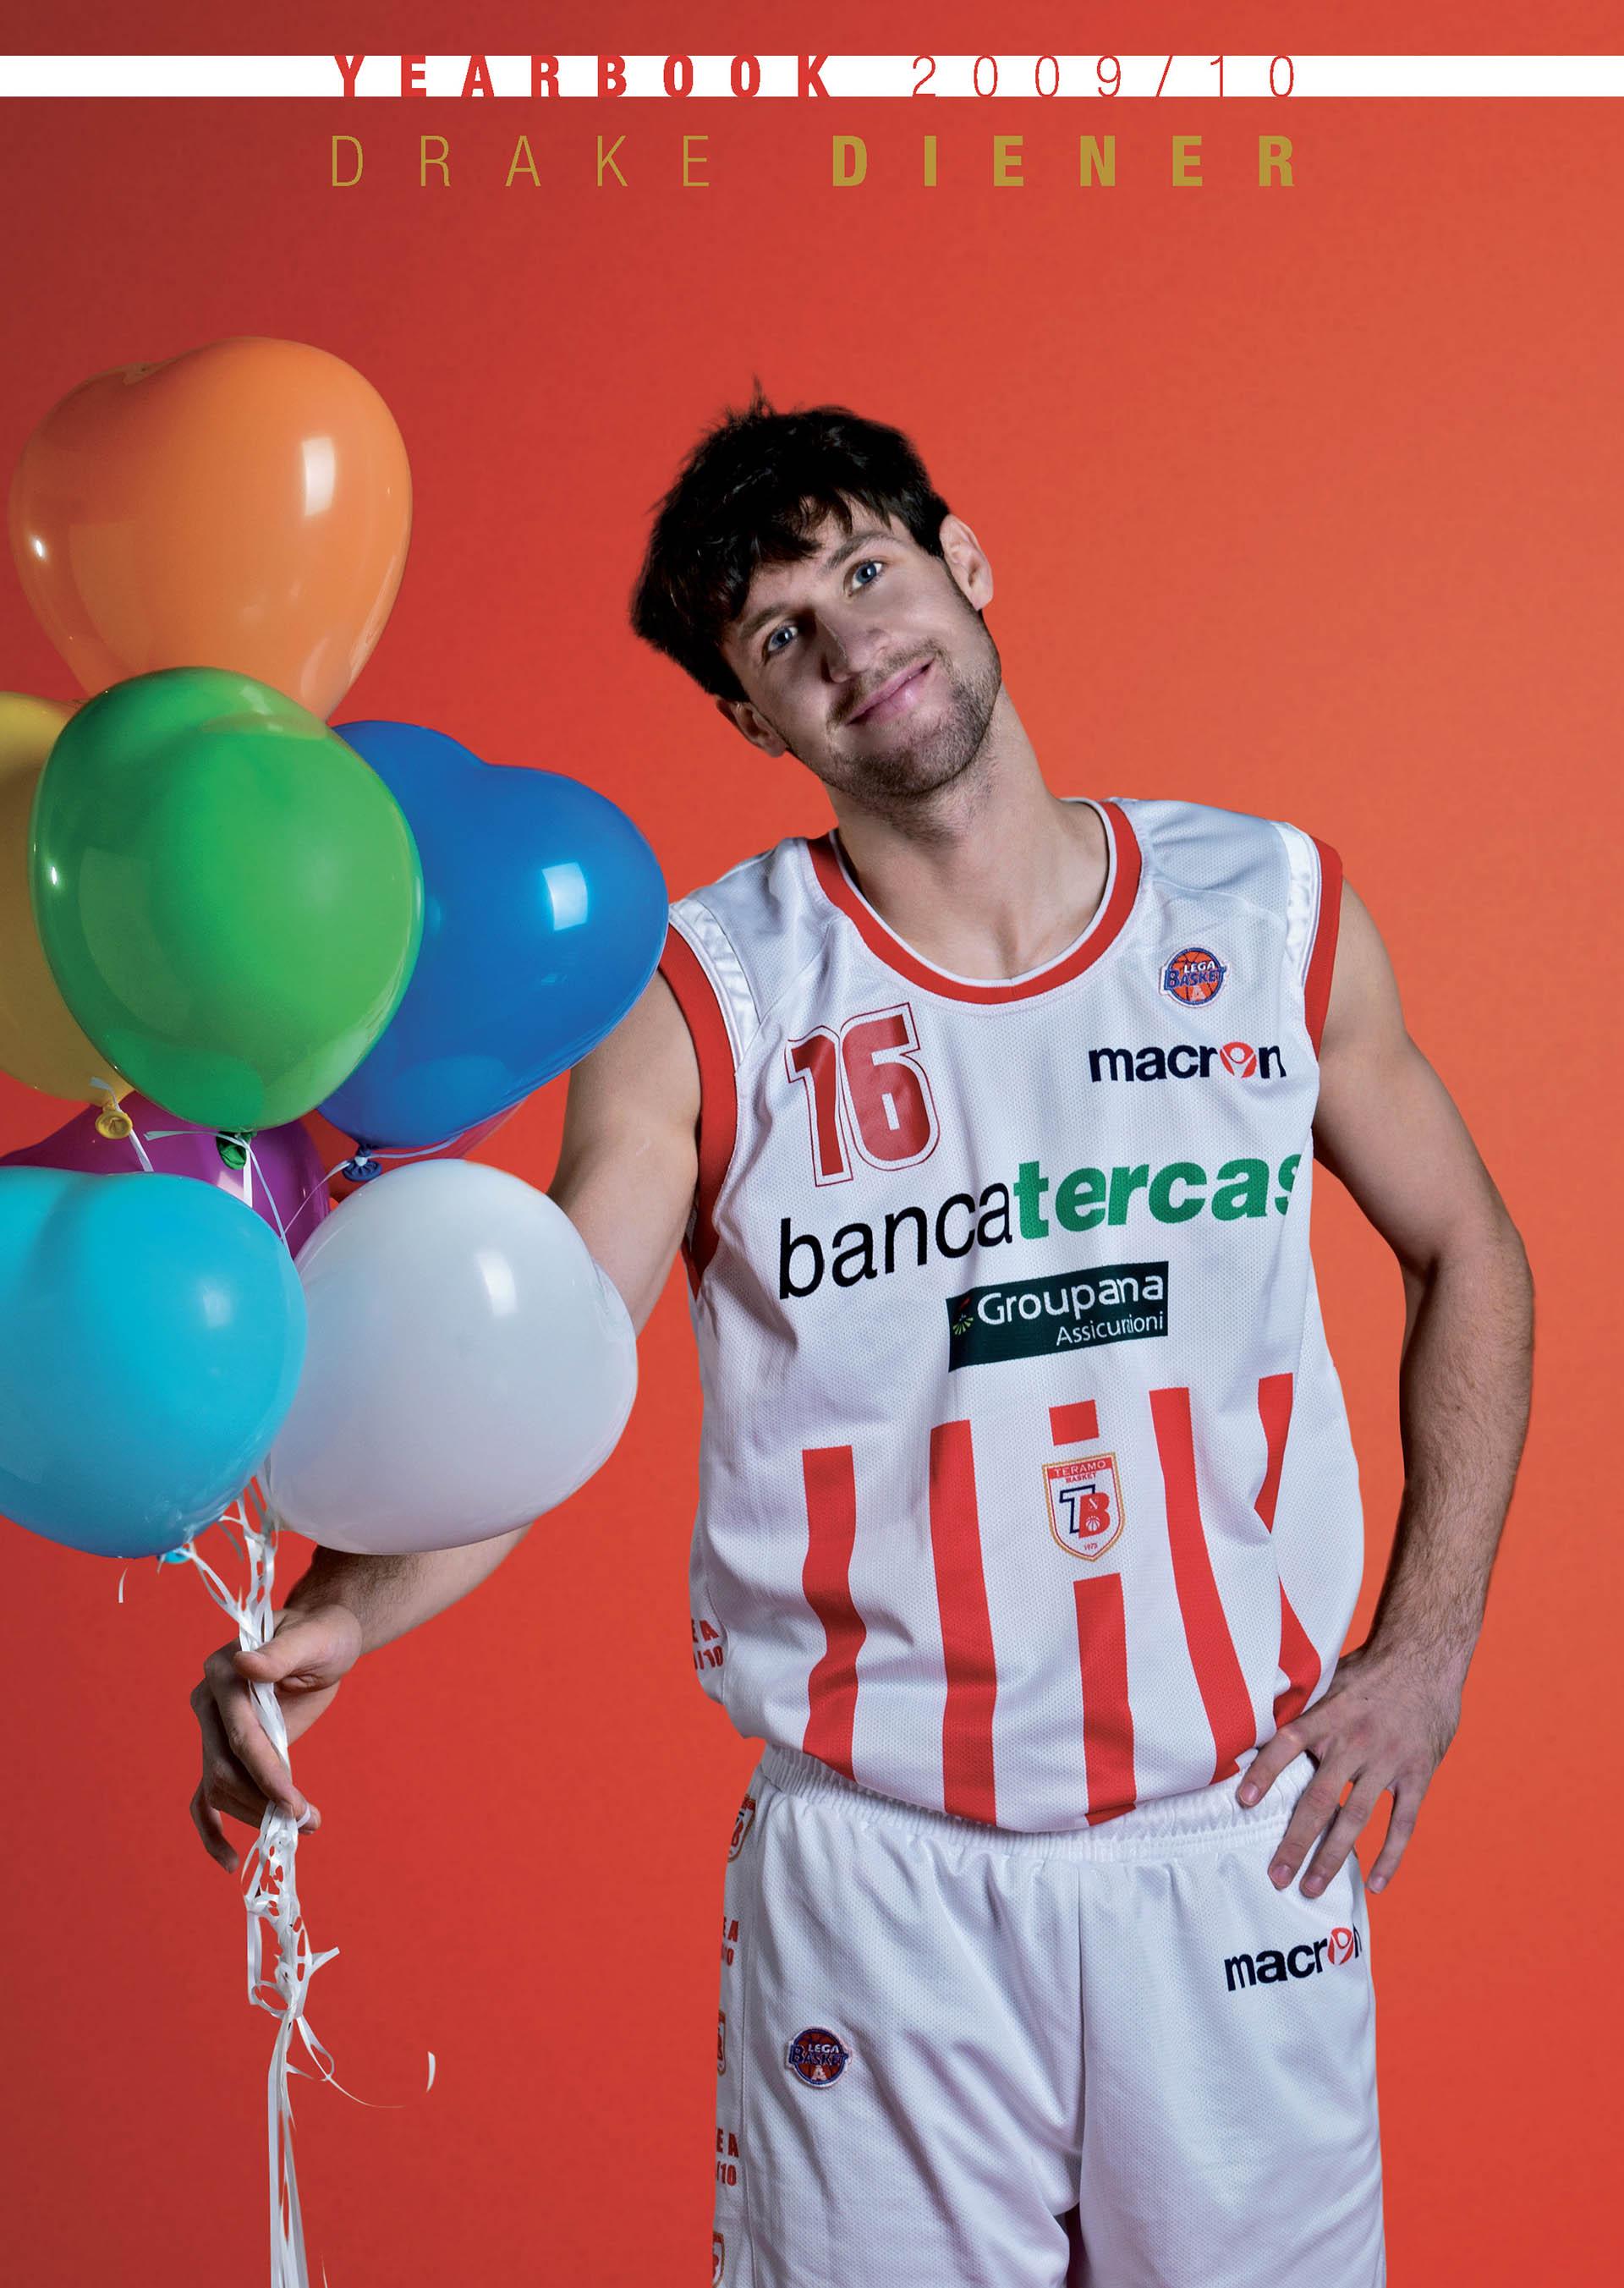 Teramo Basket, Lancio nuova stagione 2009/2010